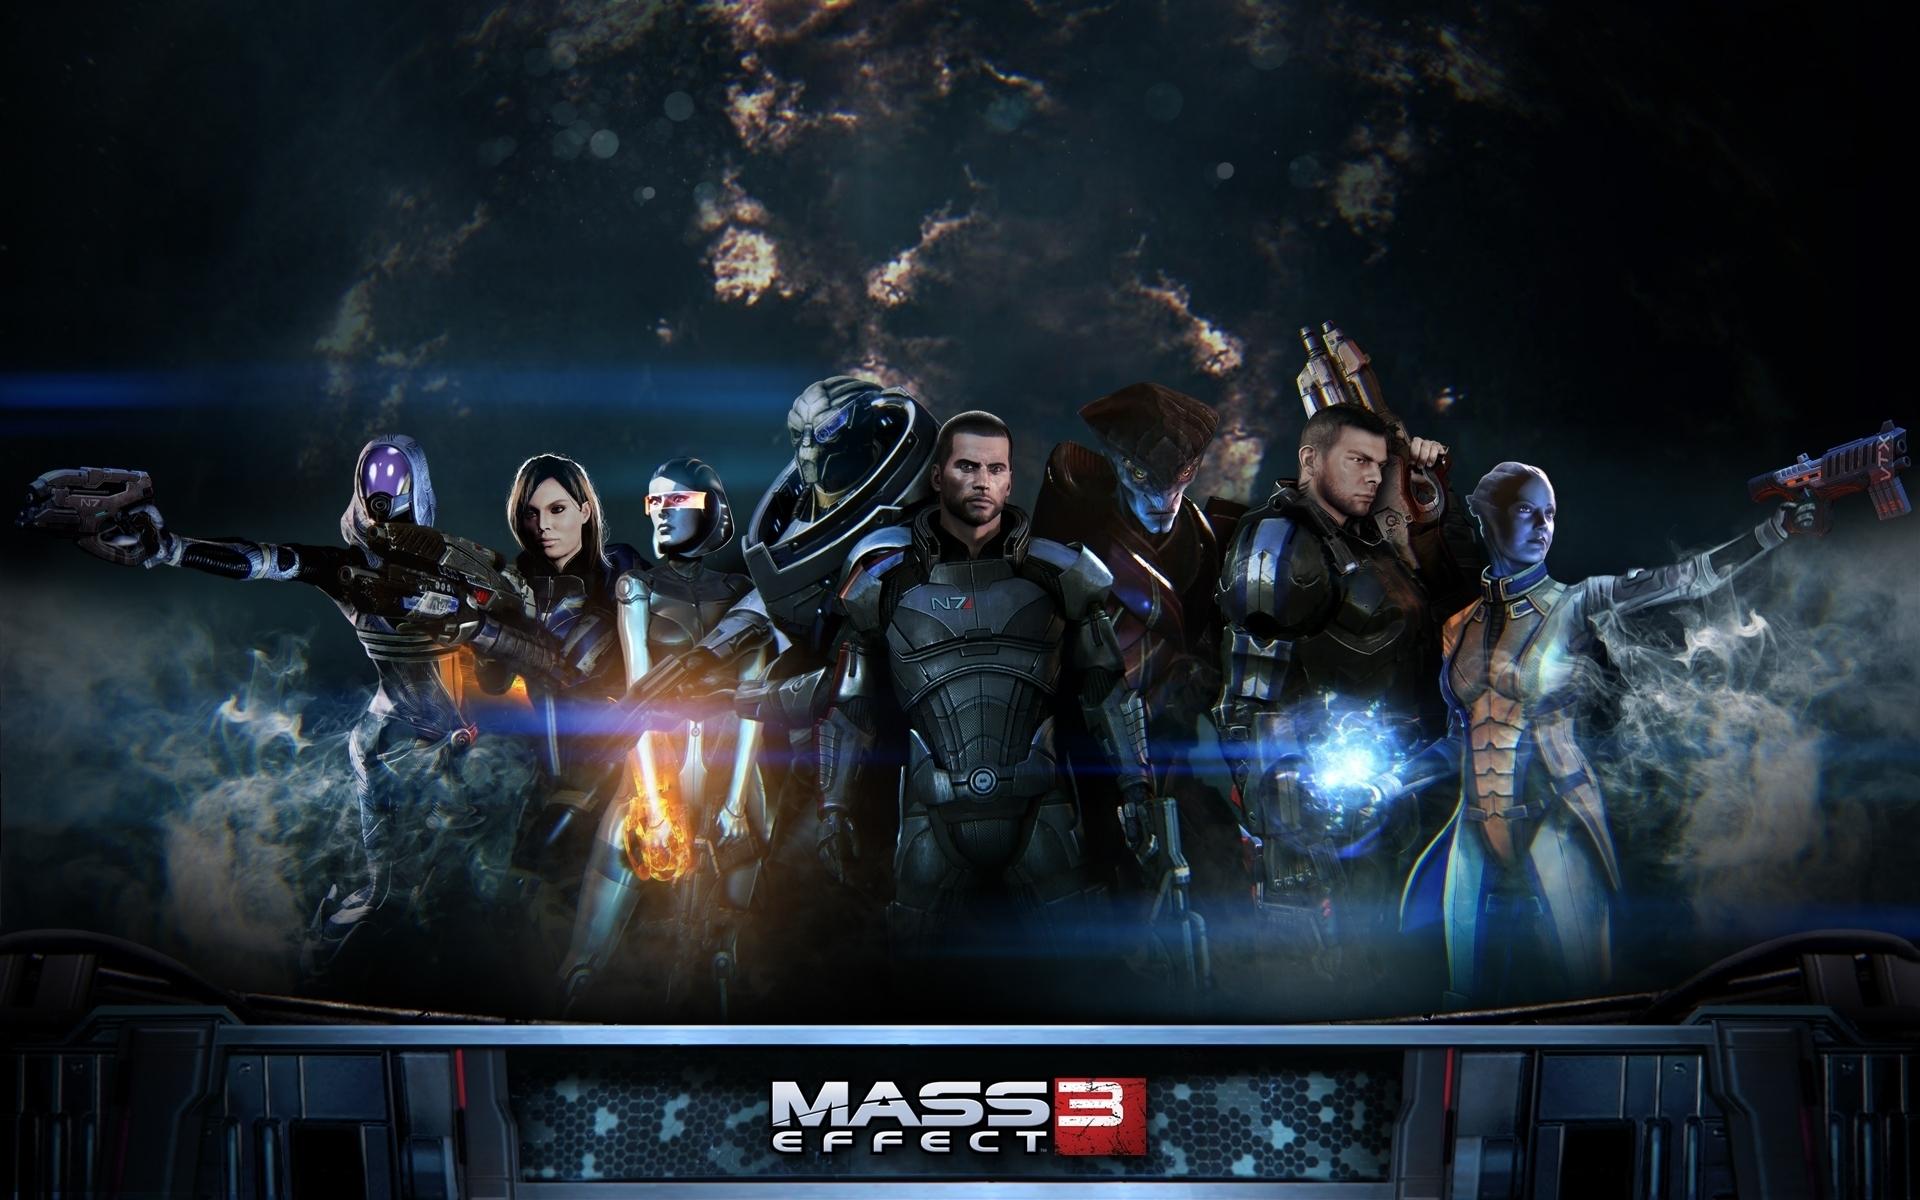 Mass Effect Extended Cut Hd Wallpaper